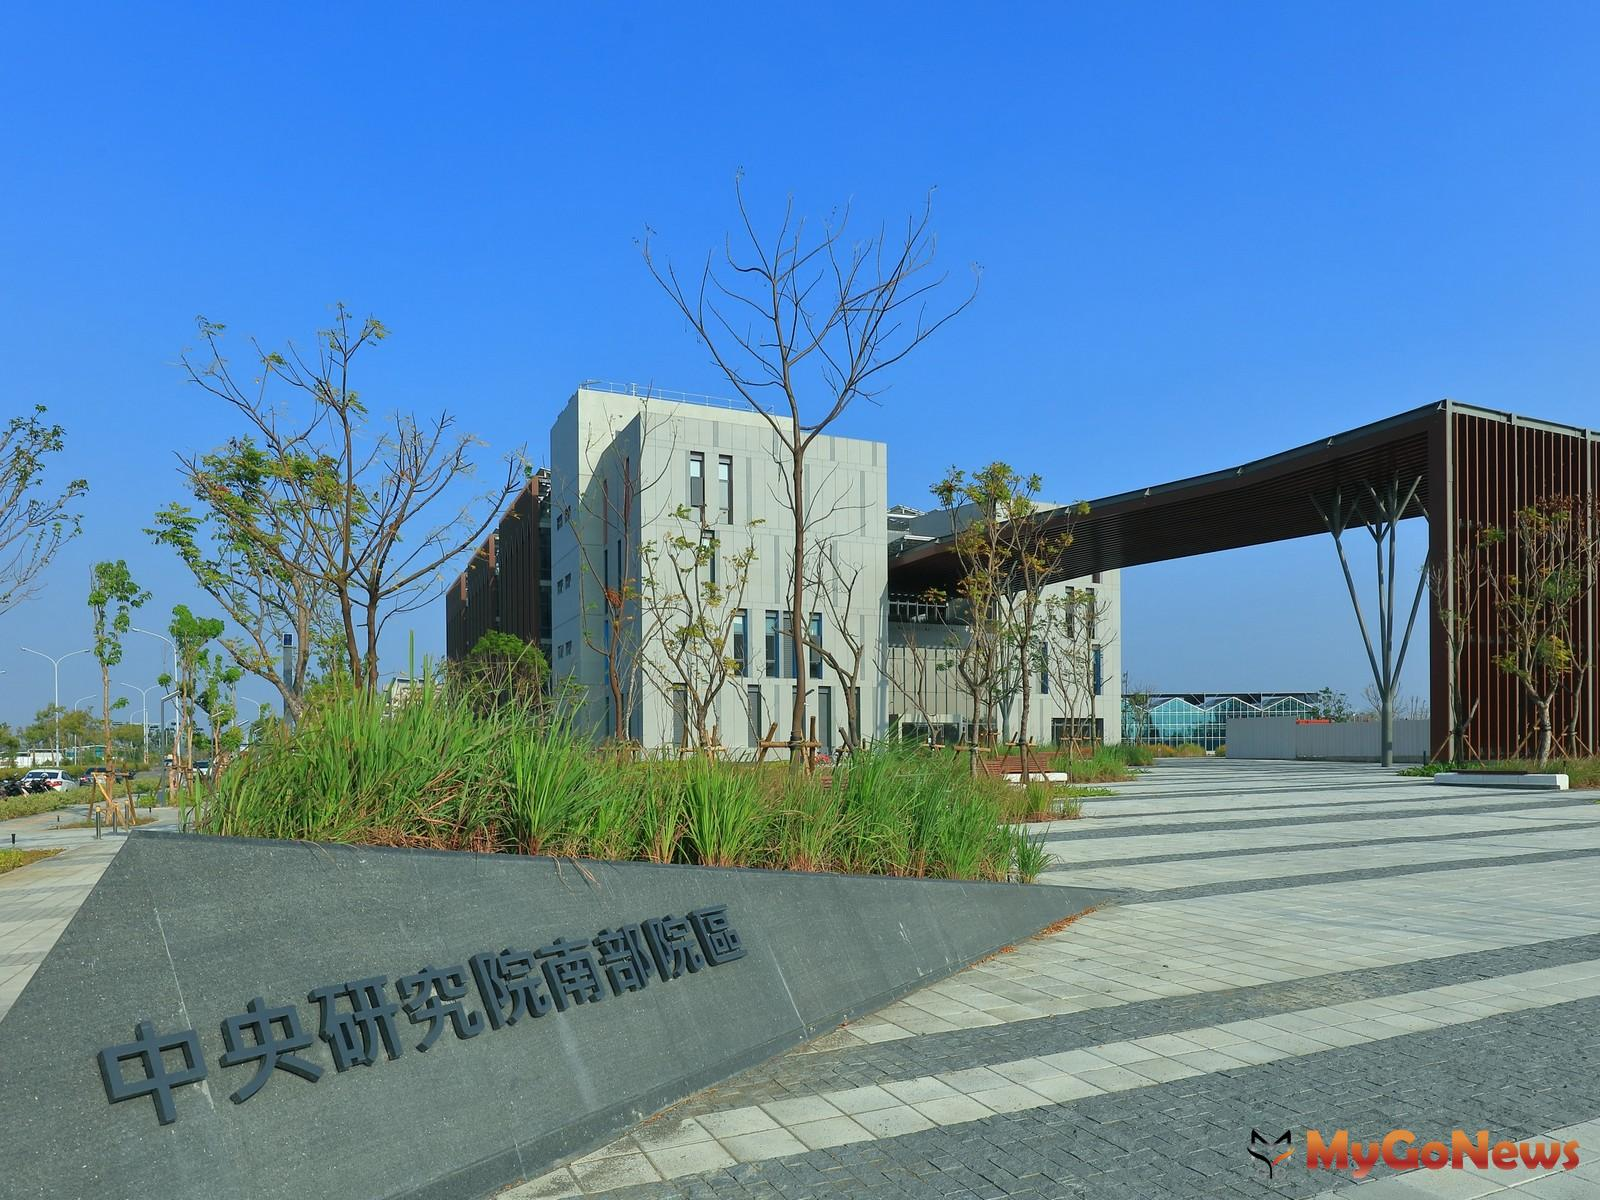 台南高鐵特區擁有重大建設、多軌共構資源,發展前景看俏。(圖/業者提供) MyGoNews房地產新聞 熱銷推案